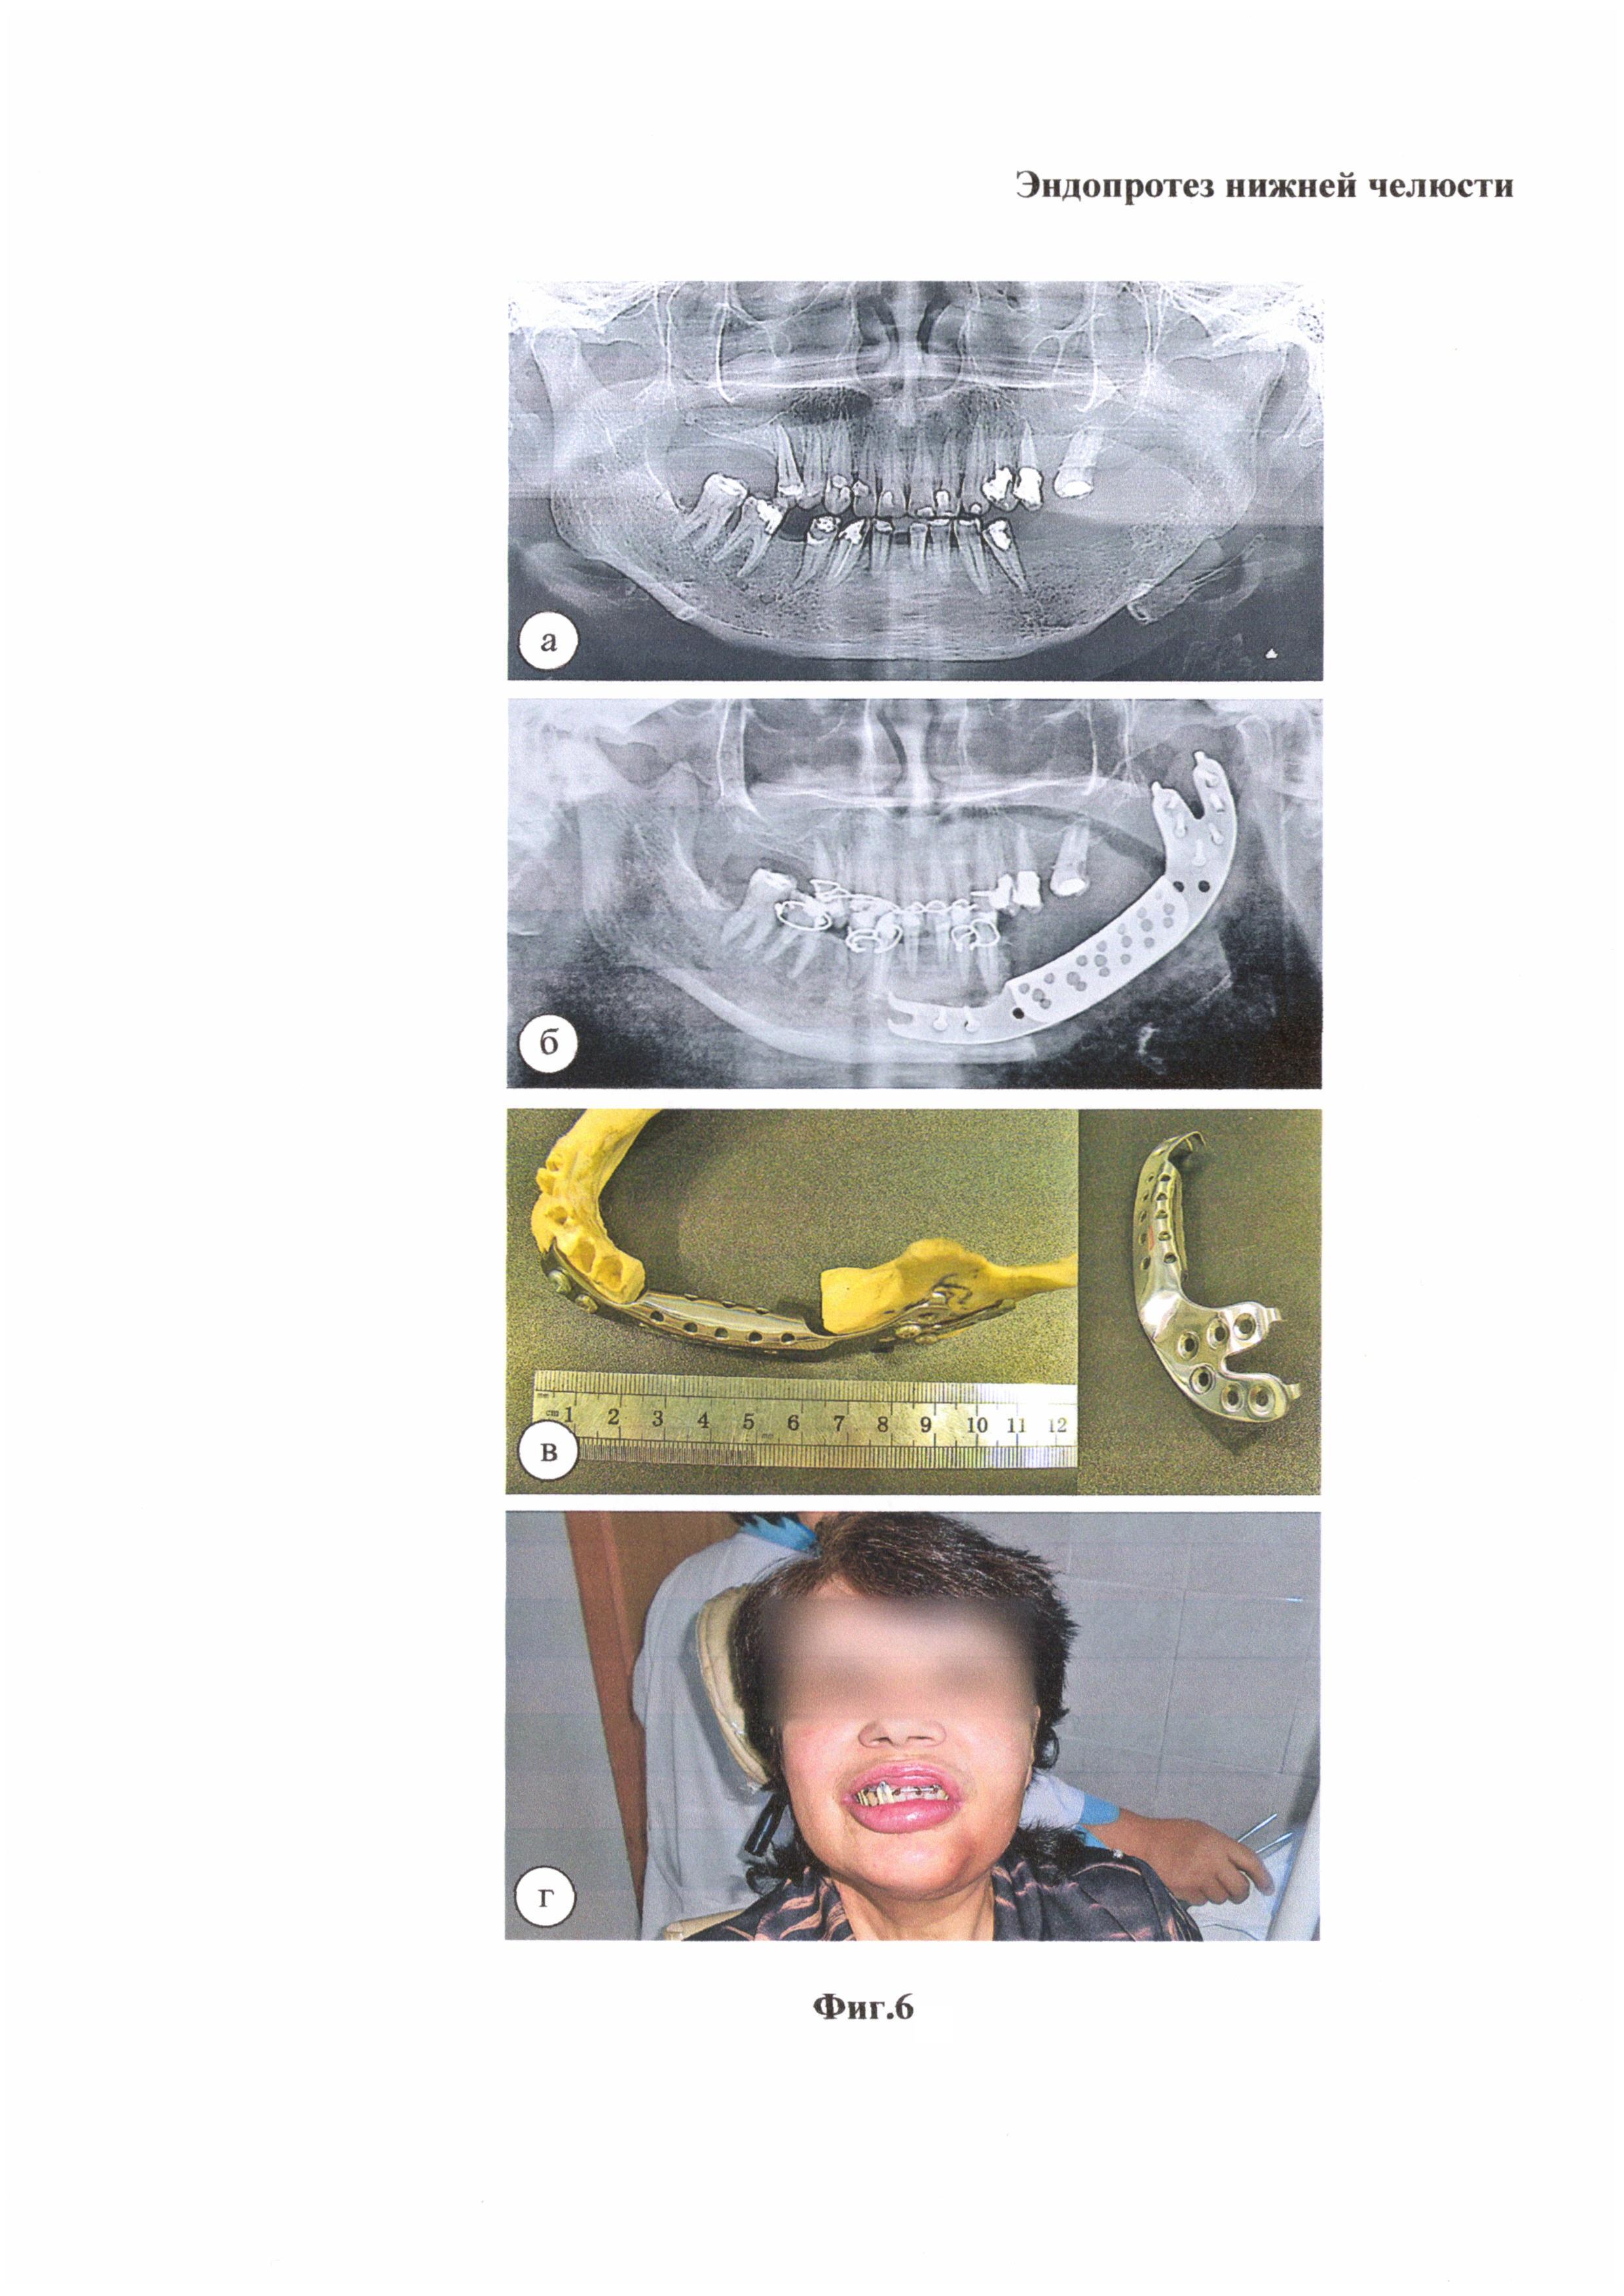 Эндопротез нижней челюсти